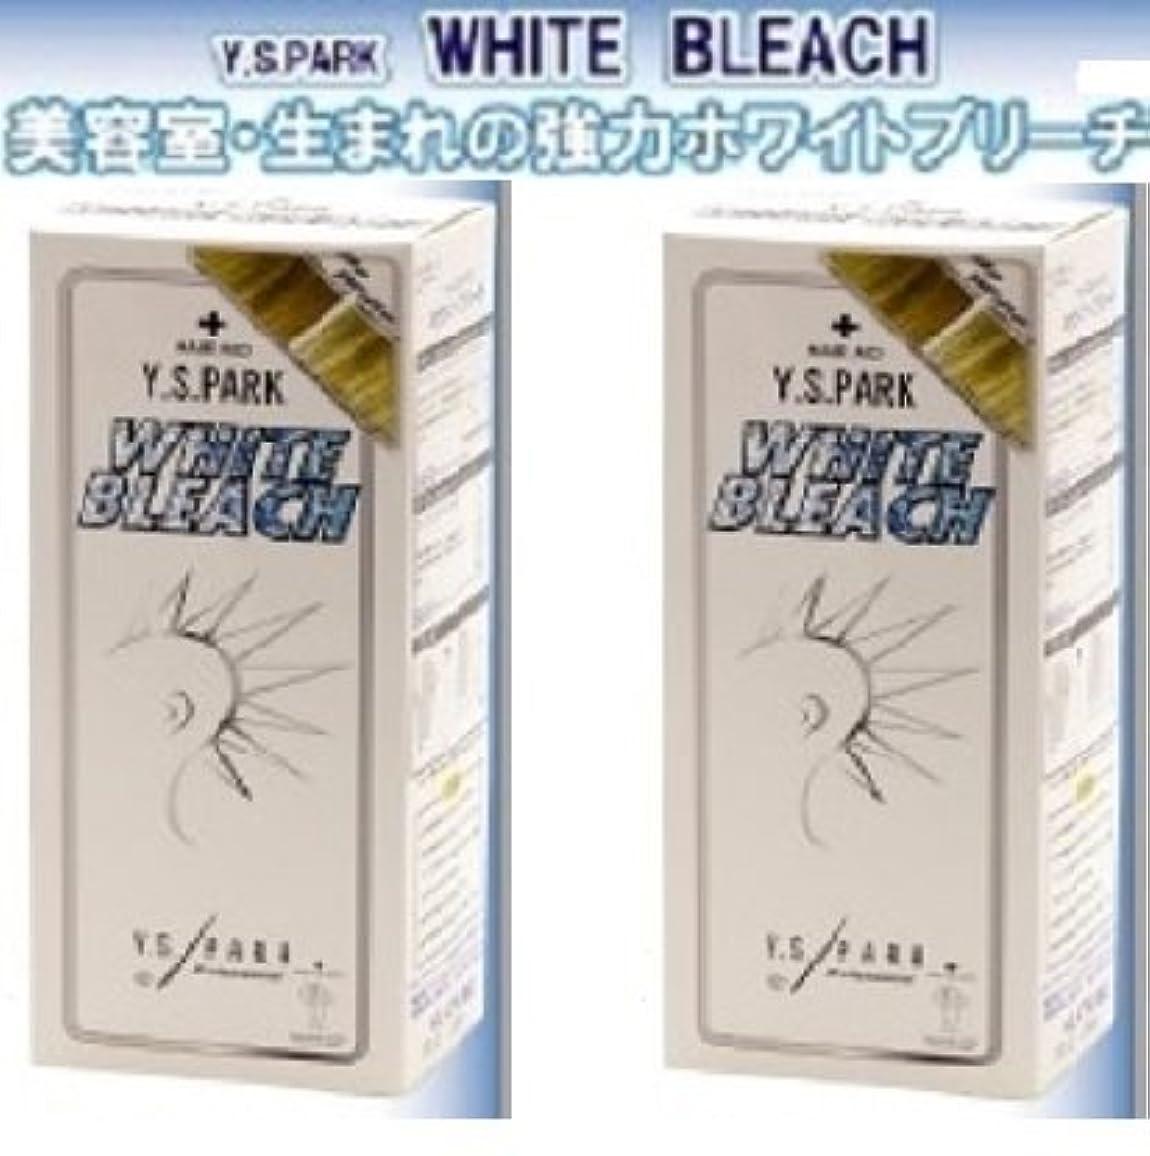 雑品化合物ステップ【YSPARK 】ホワイトブリーチ ×2個セット(お得な2個組)美容室生まれの強力ホワイトブリーチ